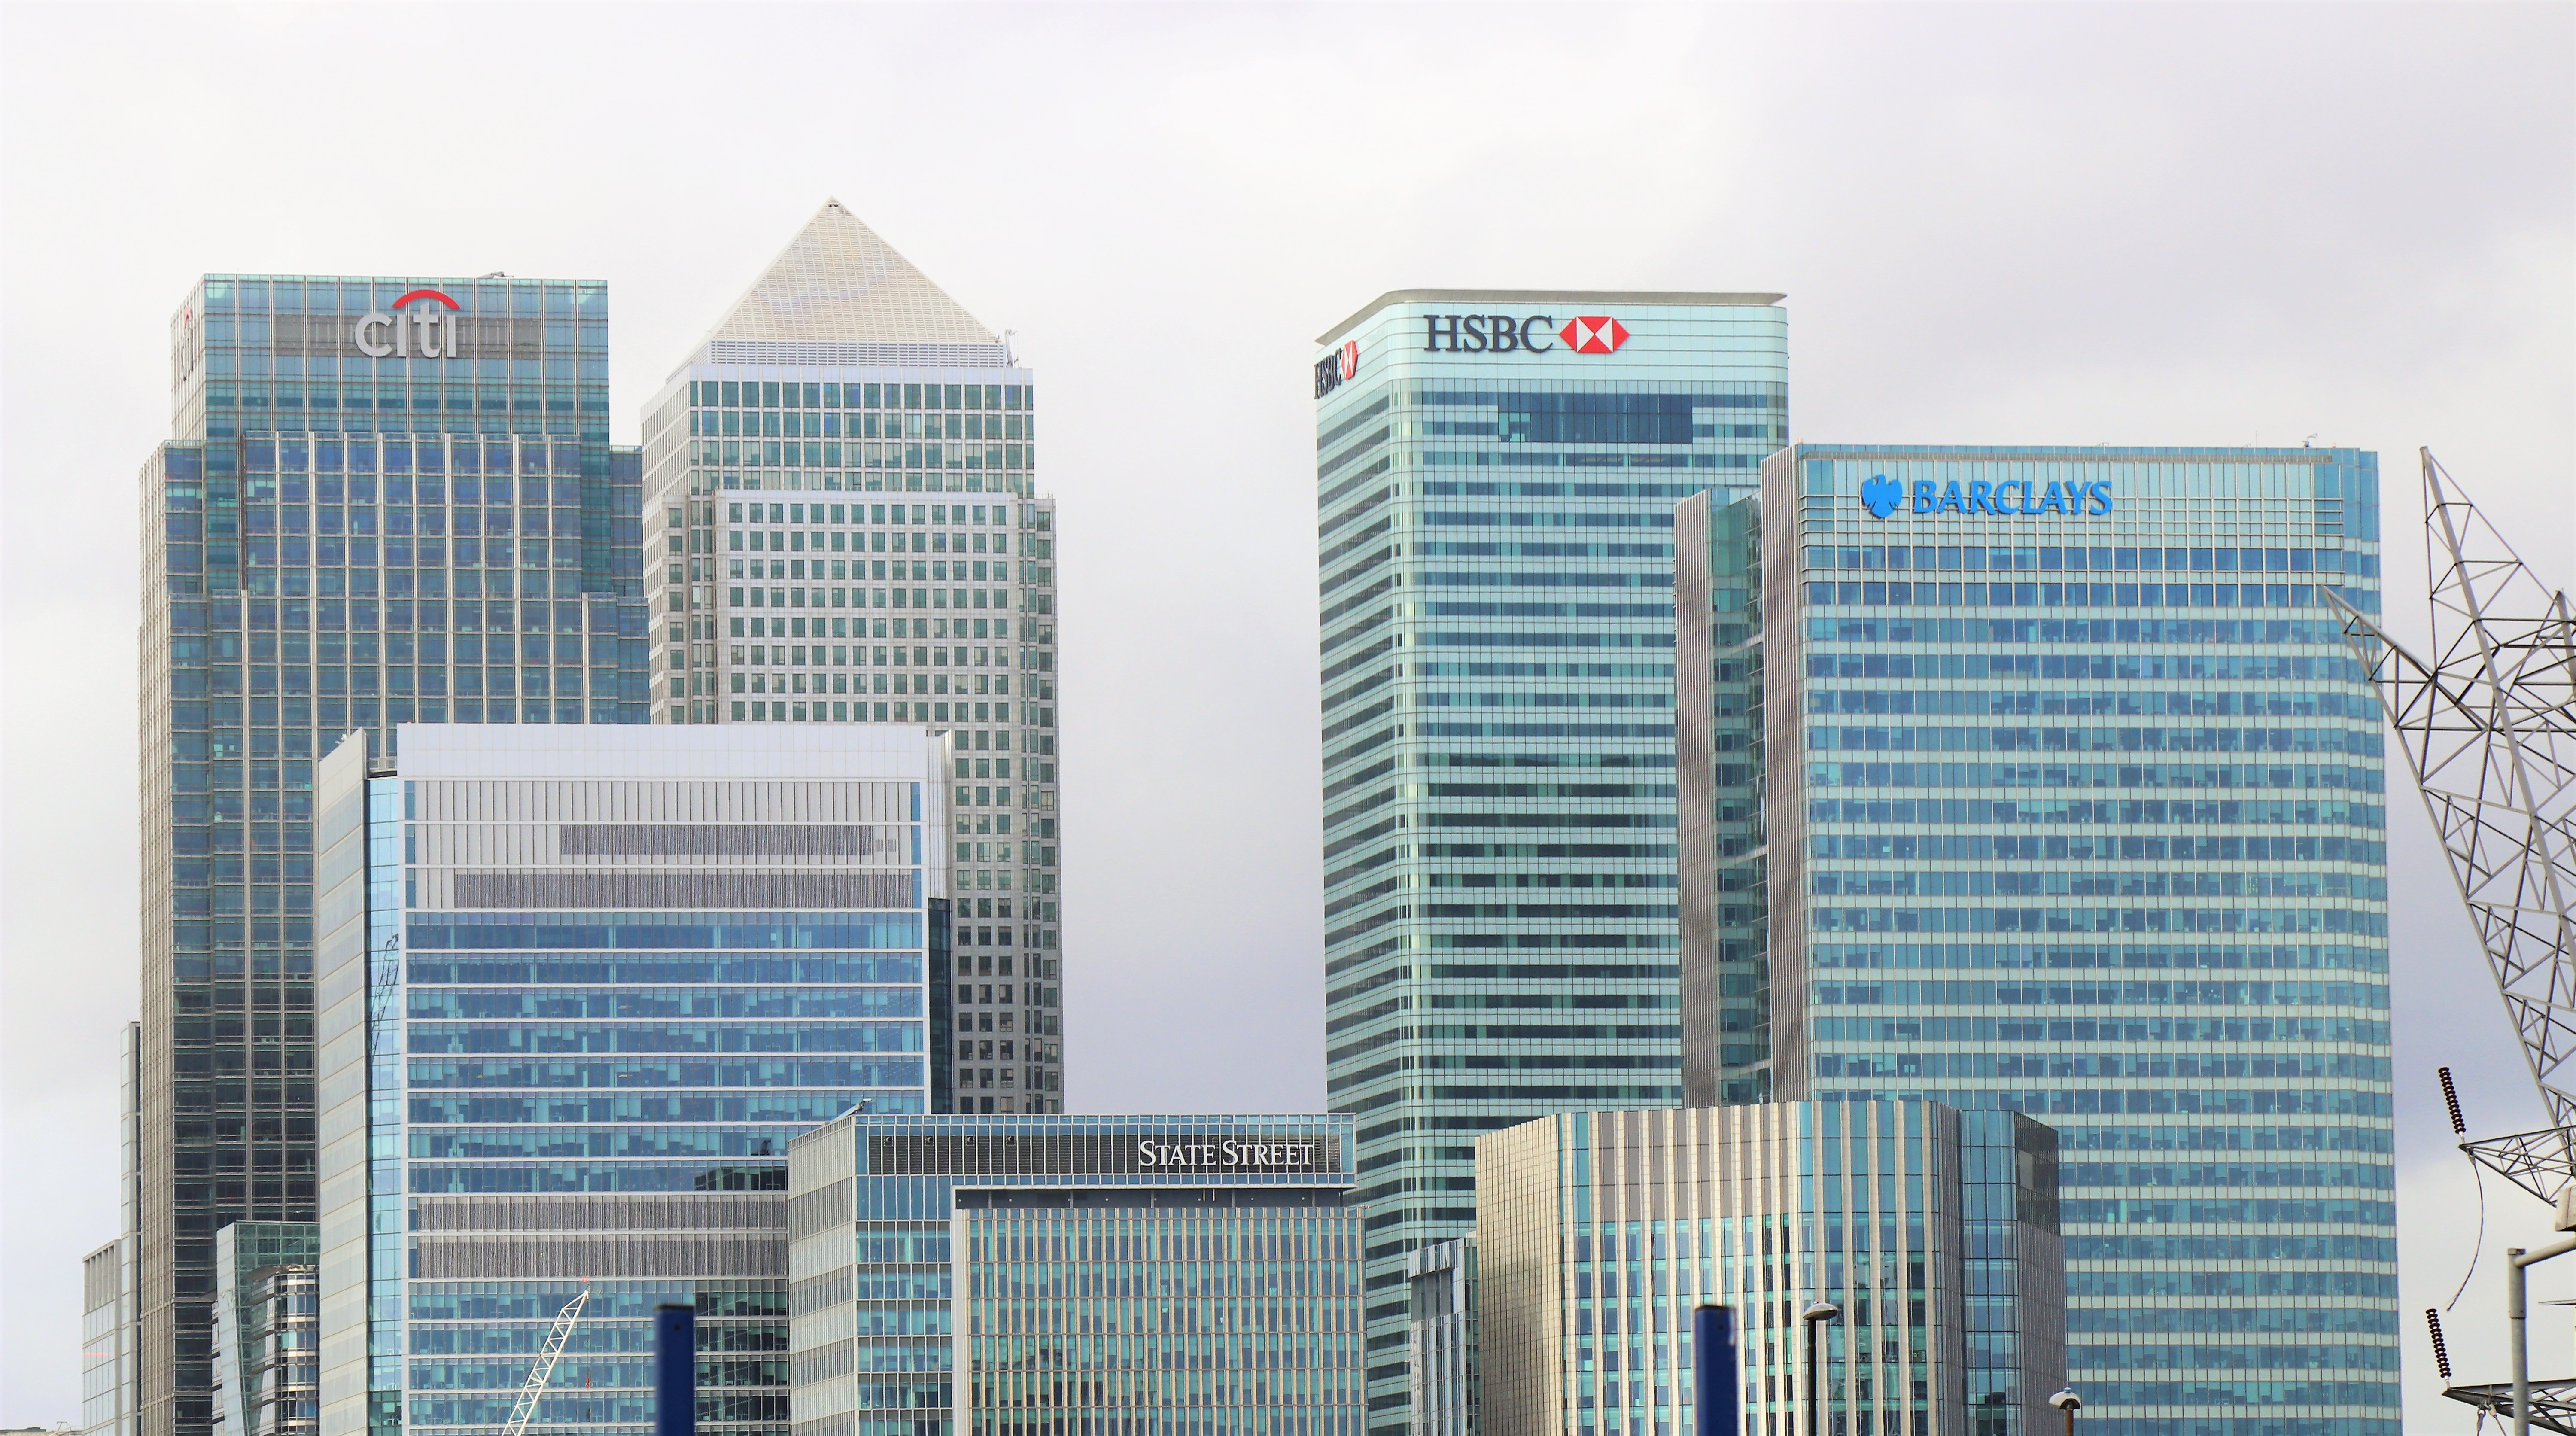 Les banques européennes en difficultés se préparent pour des prêts douteux en période de Covid